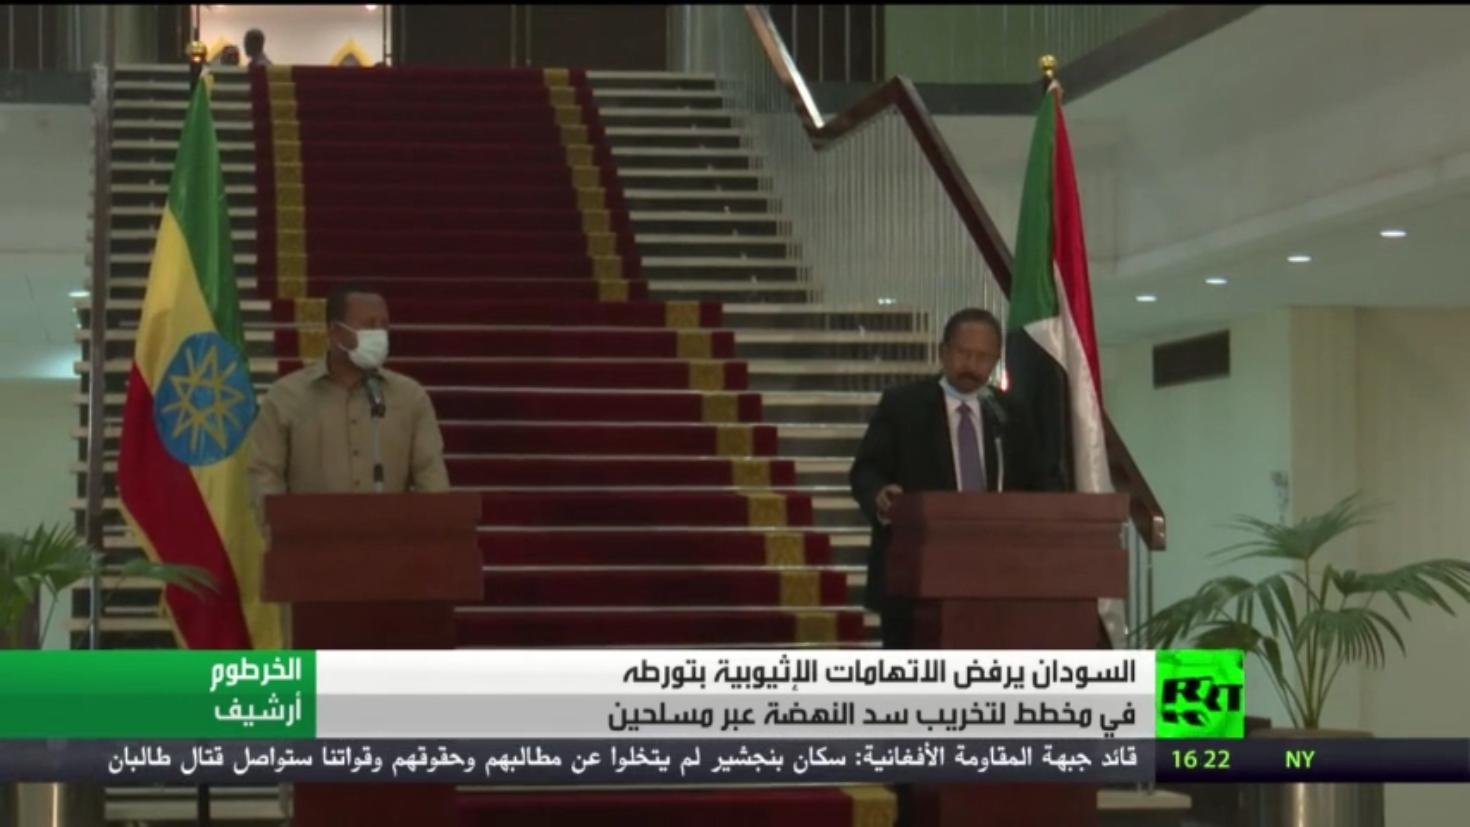 السودان يرفض الاتهامات الإثيوبية